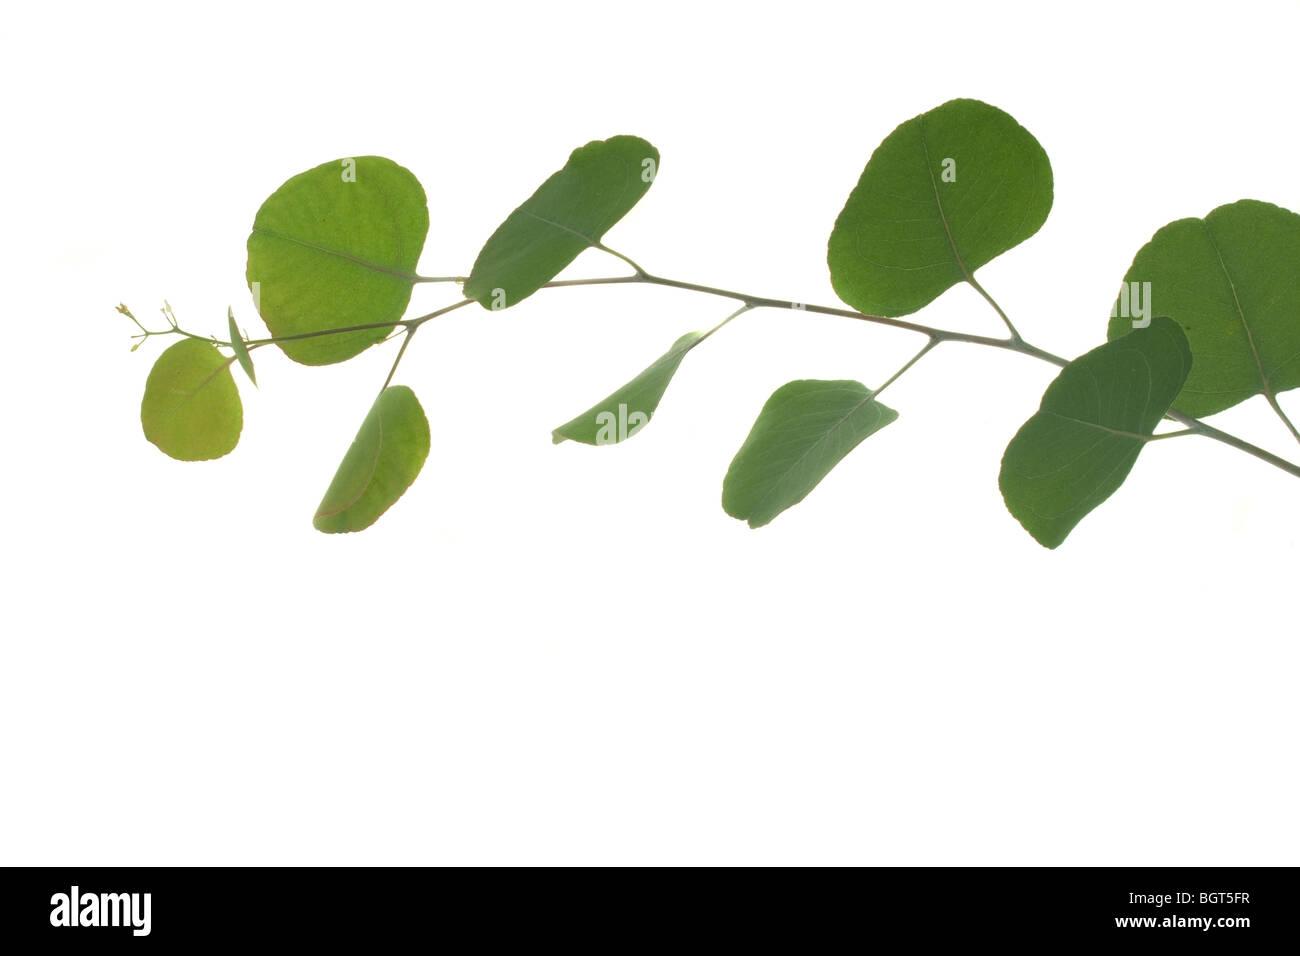 Jóvenes verdes hojas de eucalipto en una sucursal Imagen De Stock